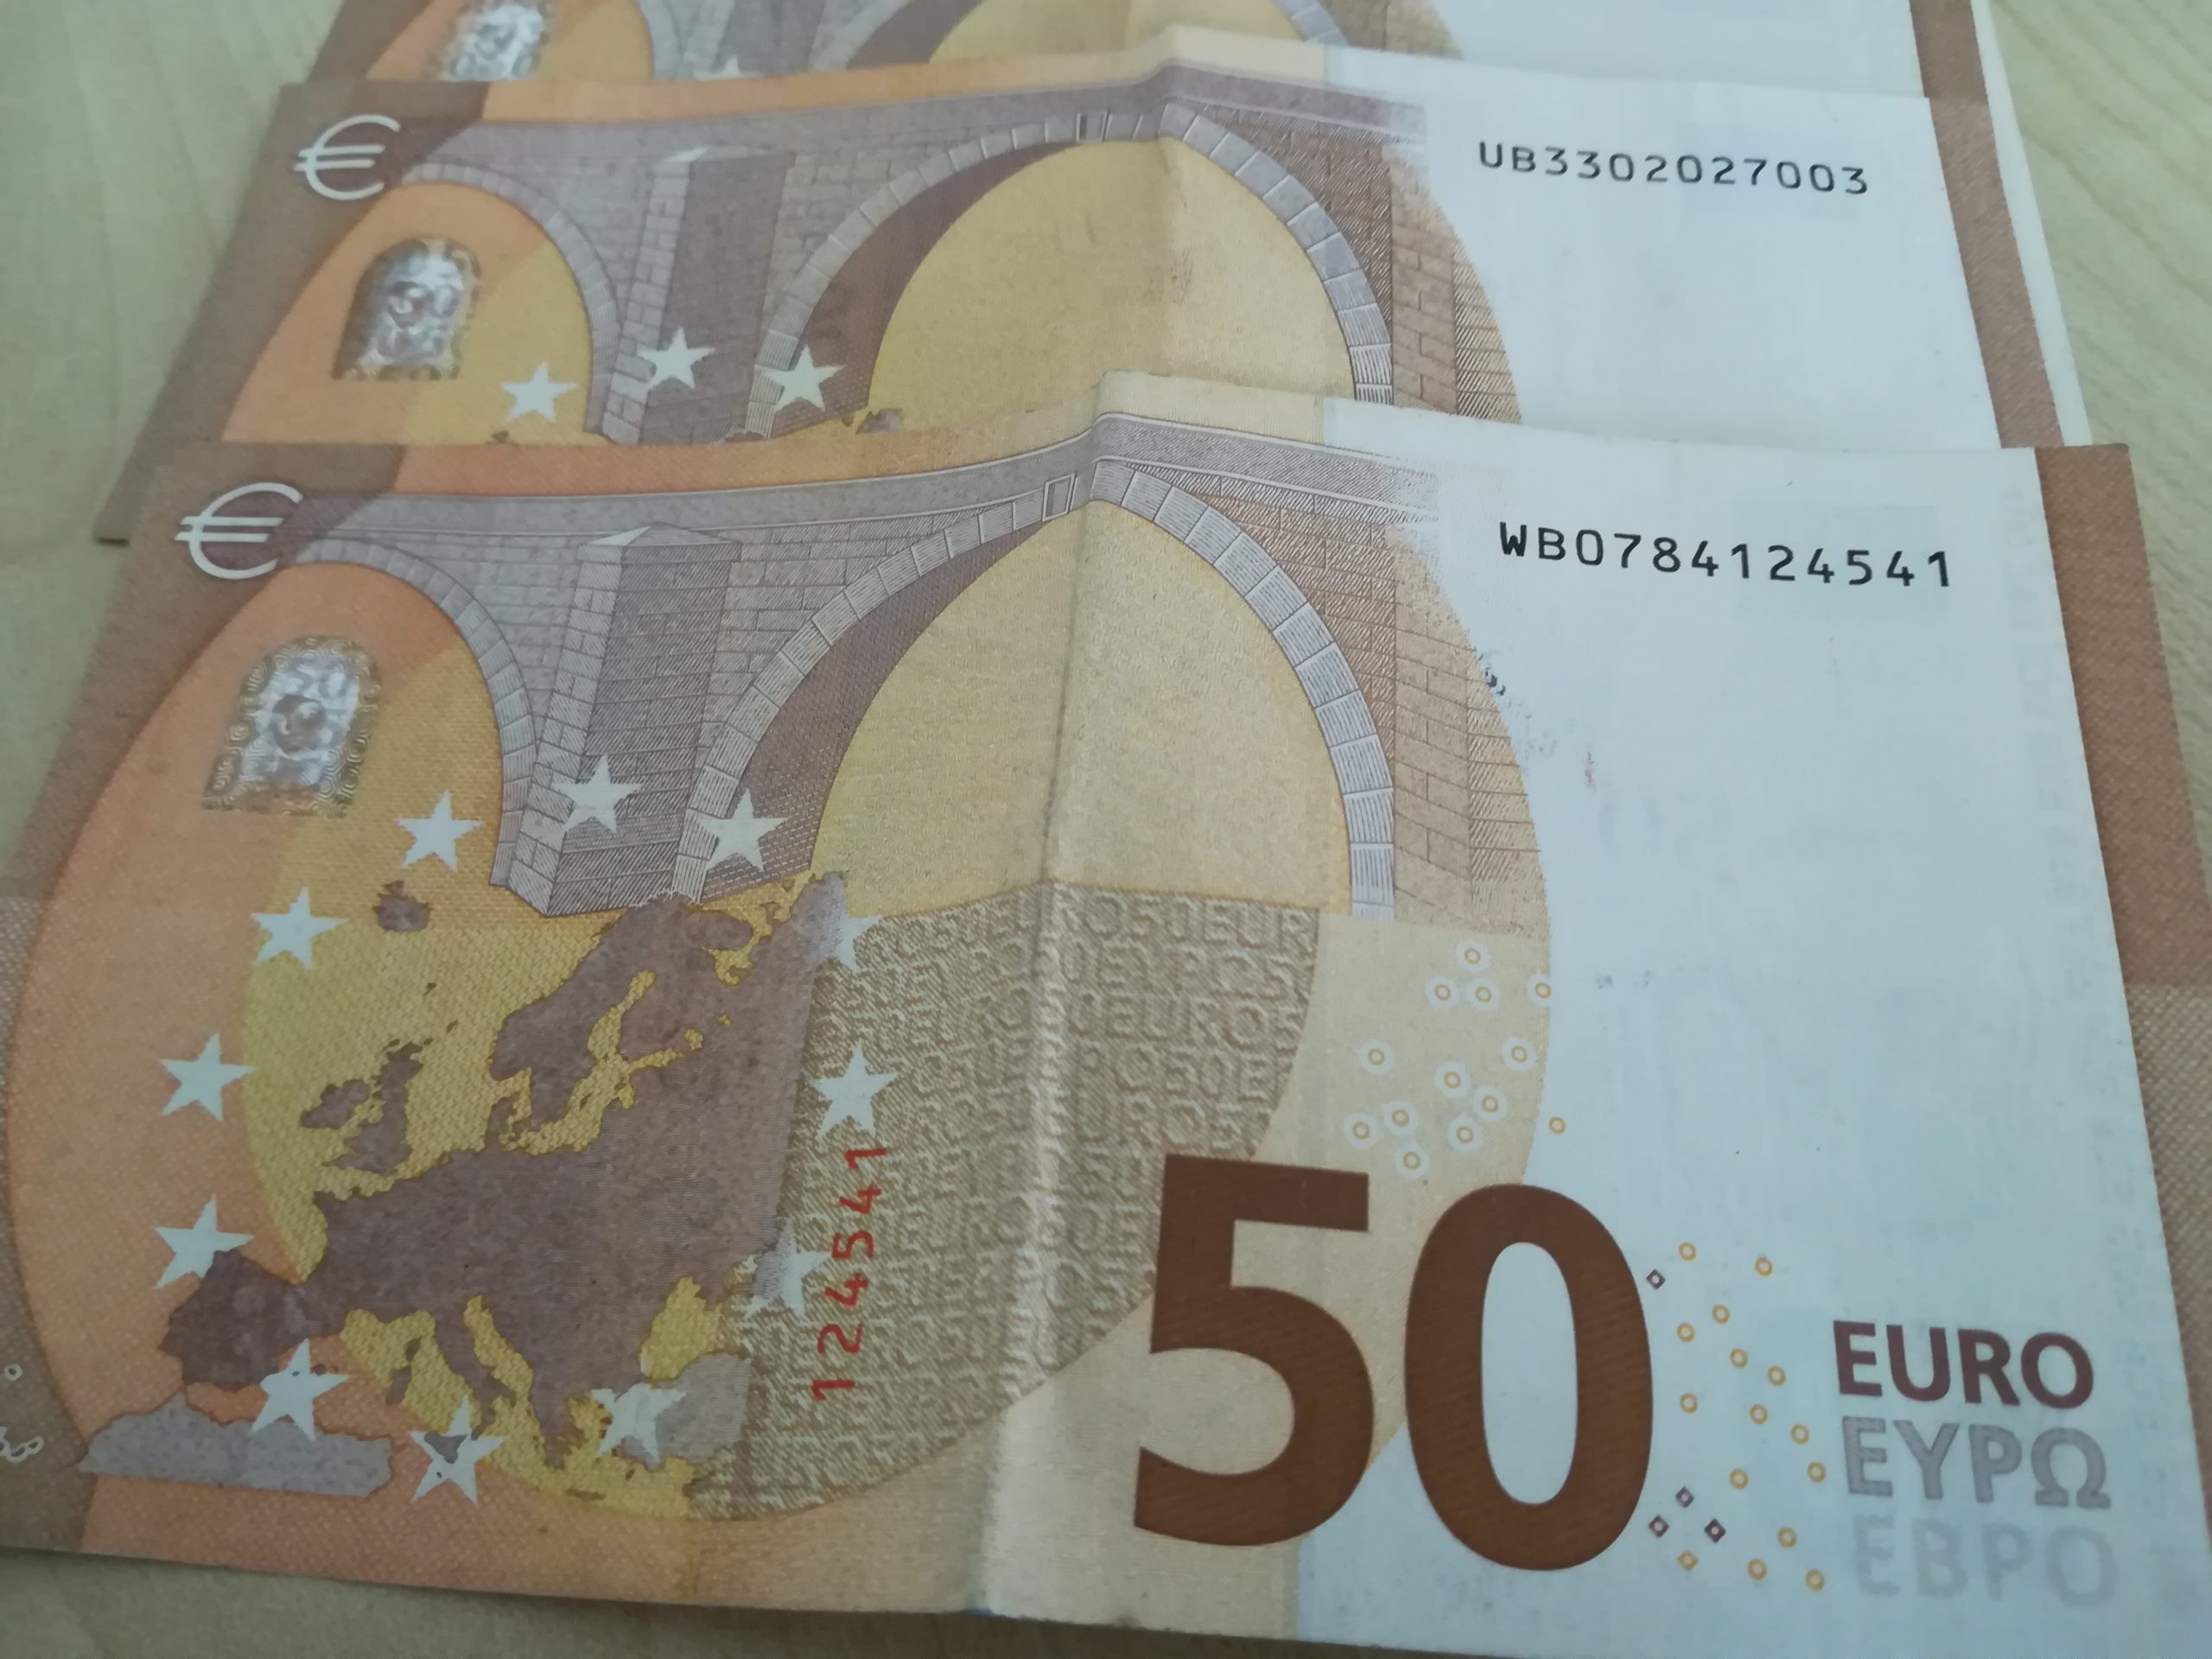 varrante și opțiuni de diferență modalități de a câștiga bani pe internet neoficial